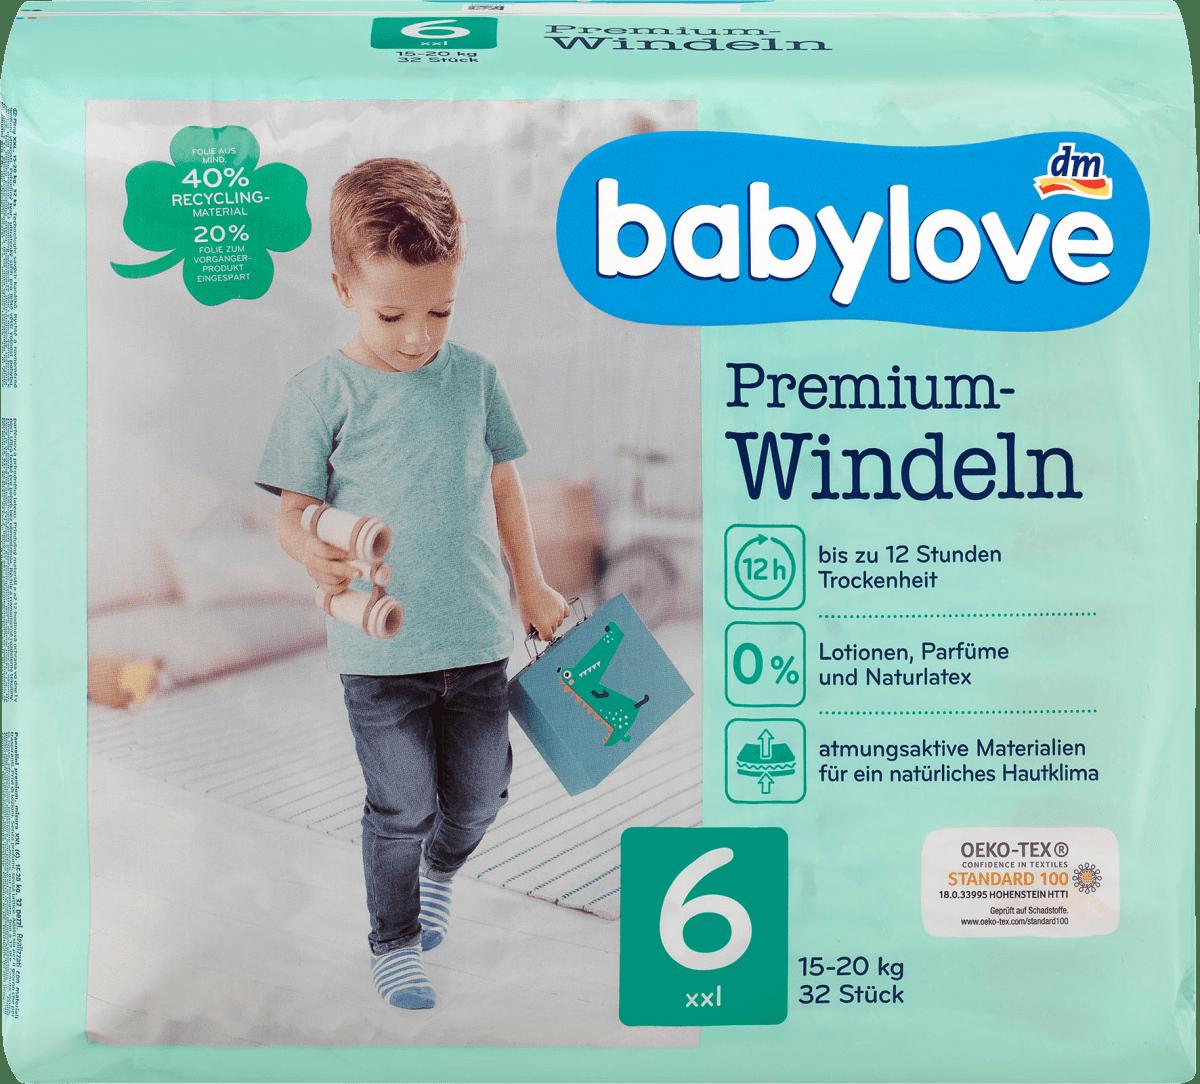 babylove premium pleny xxl 32 ks  dmcz